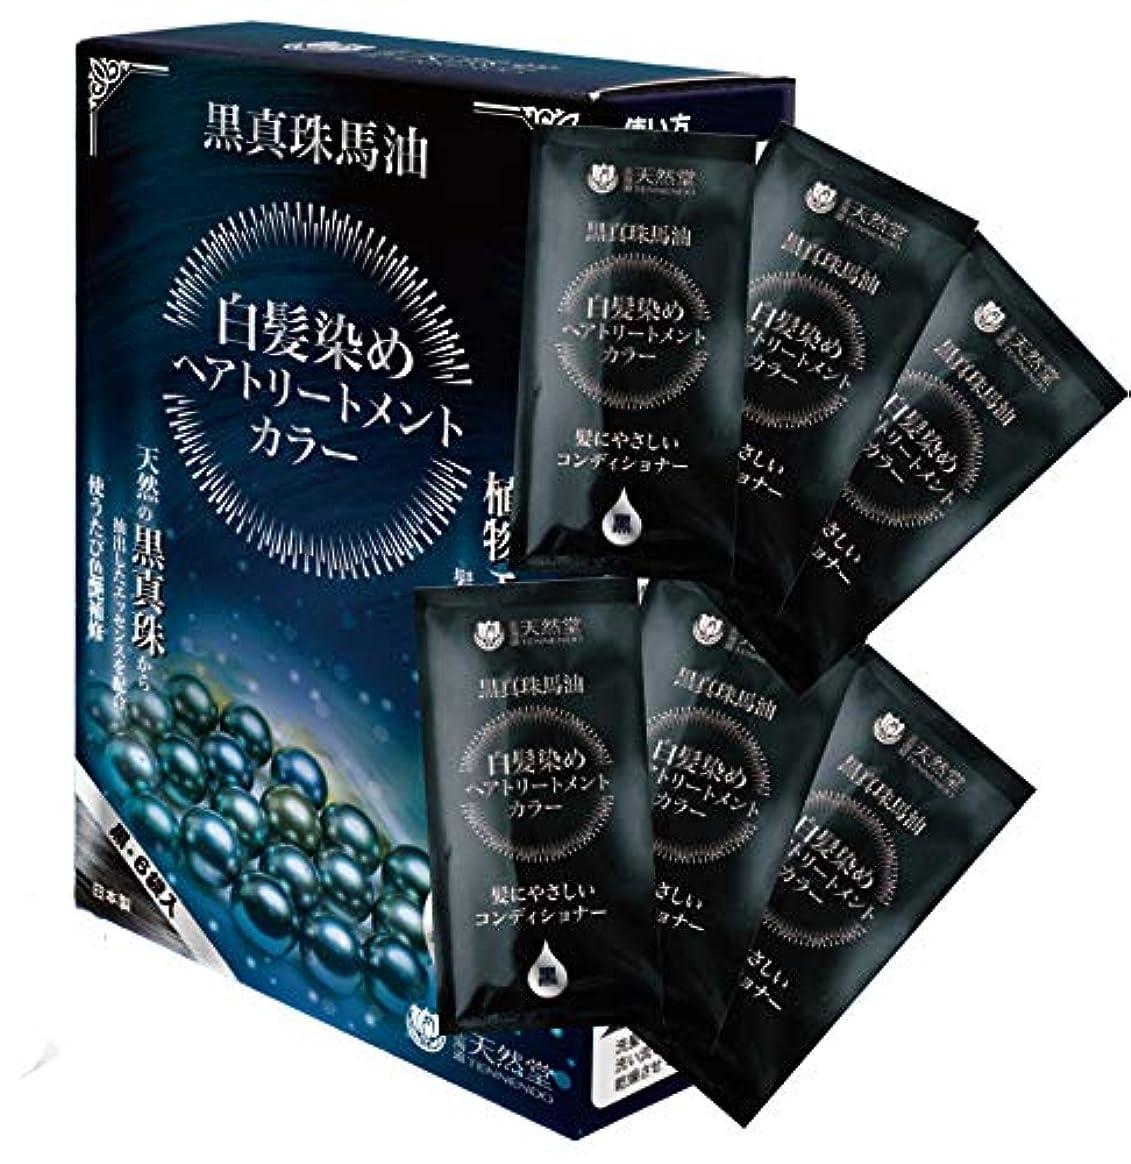 考え粘土繊維黒真珠馬油 白髪染め へアトリートメントカラー (黒) 20g×6 / 北海道天然堂